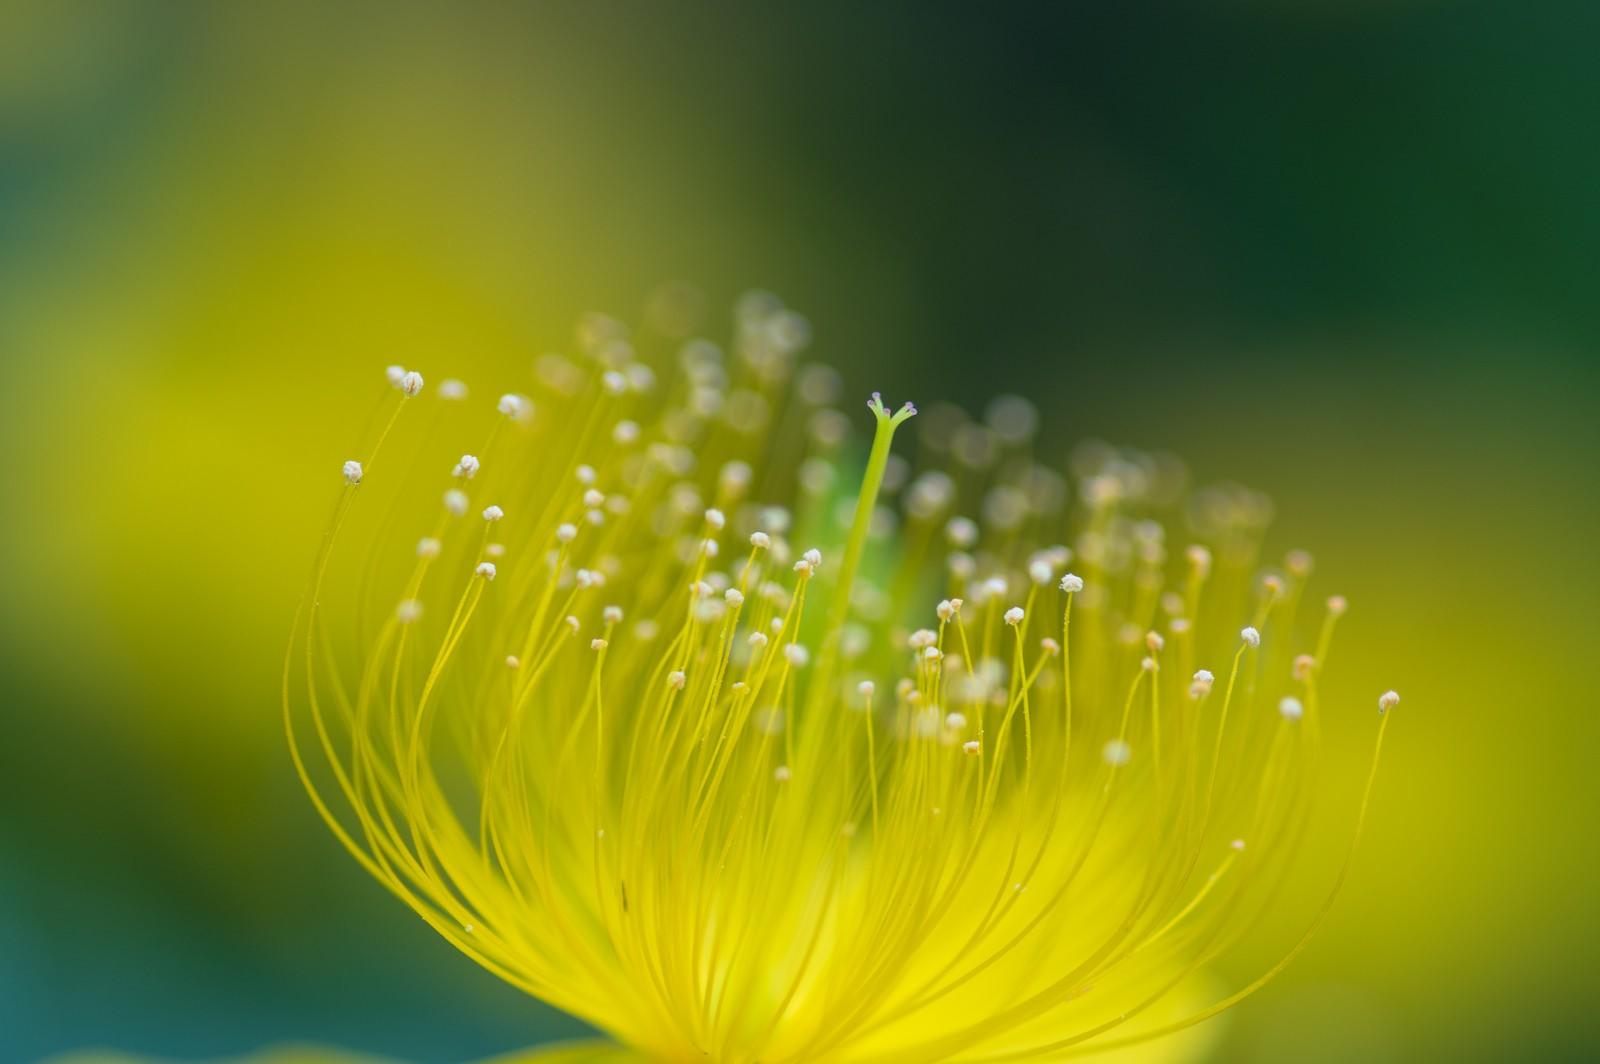 Wallpaper Sinar Matahari Bunga Bunga Alam Rumput Tetes Air